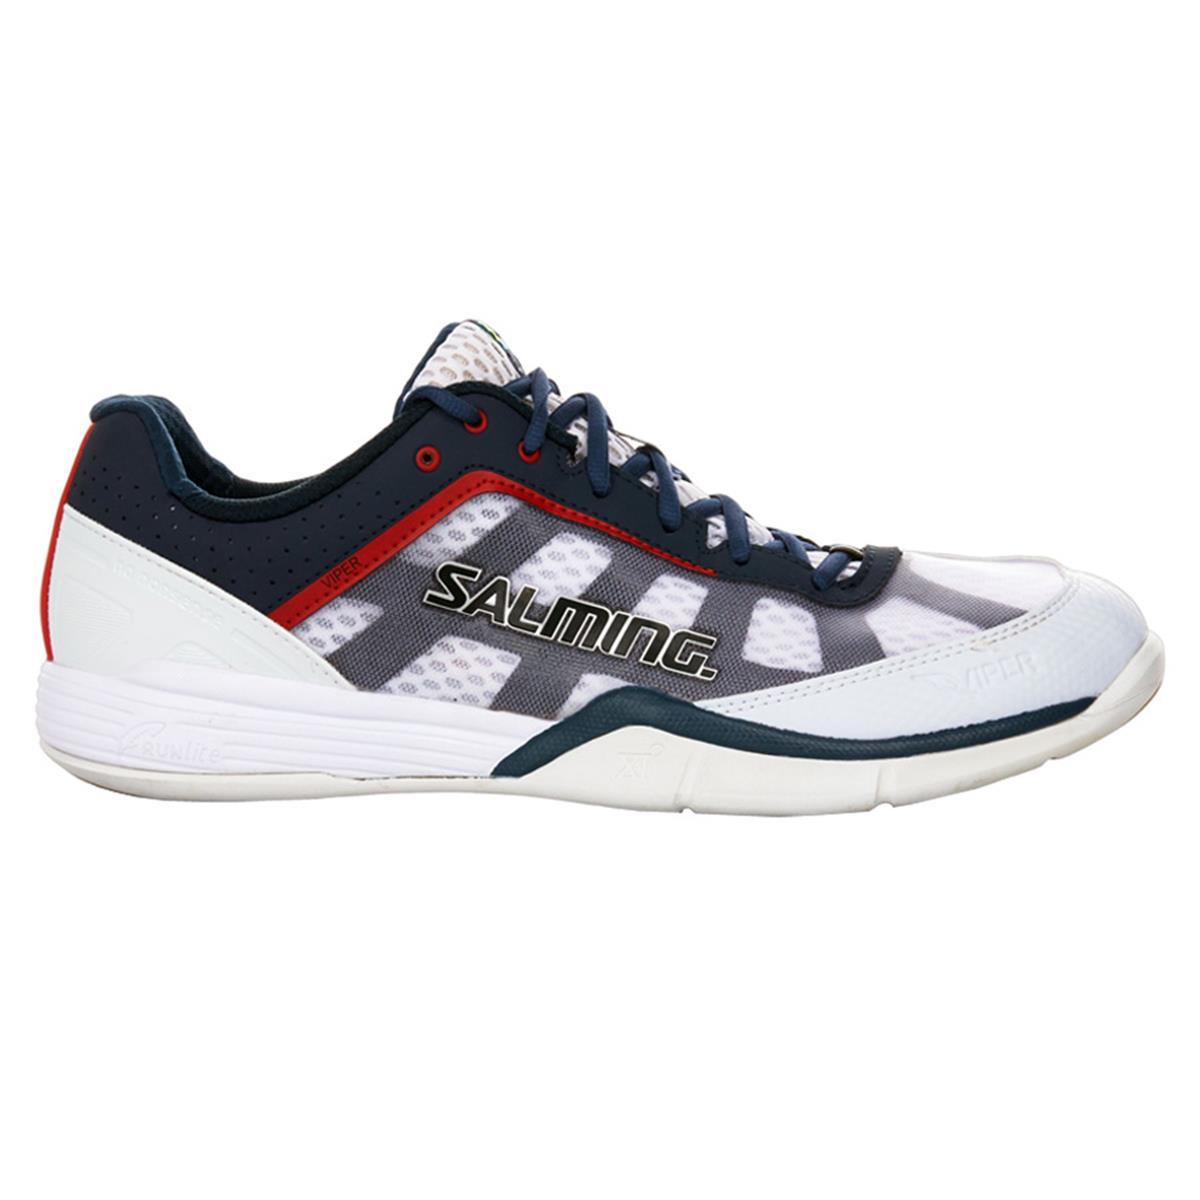 Salming Viper Mens Squash Shoes (White-Navy)  e0216c168eb